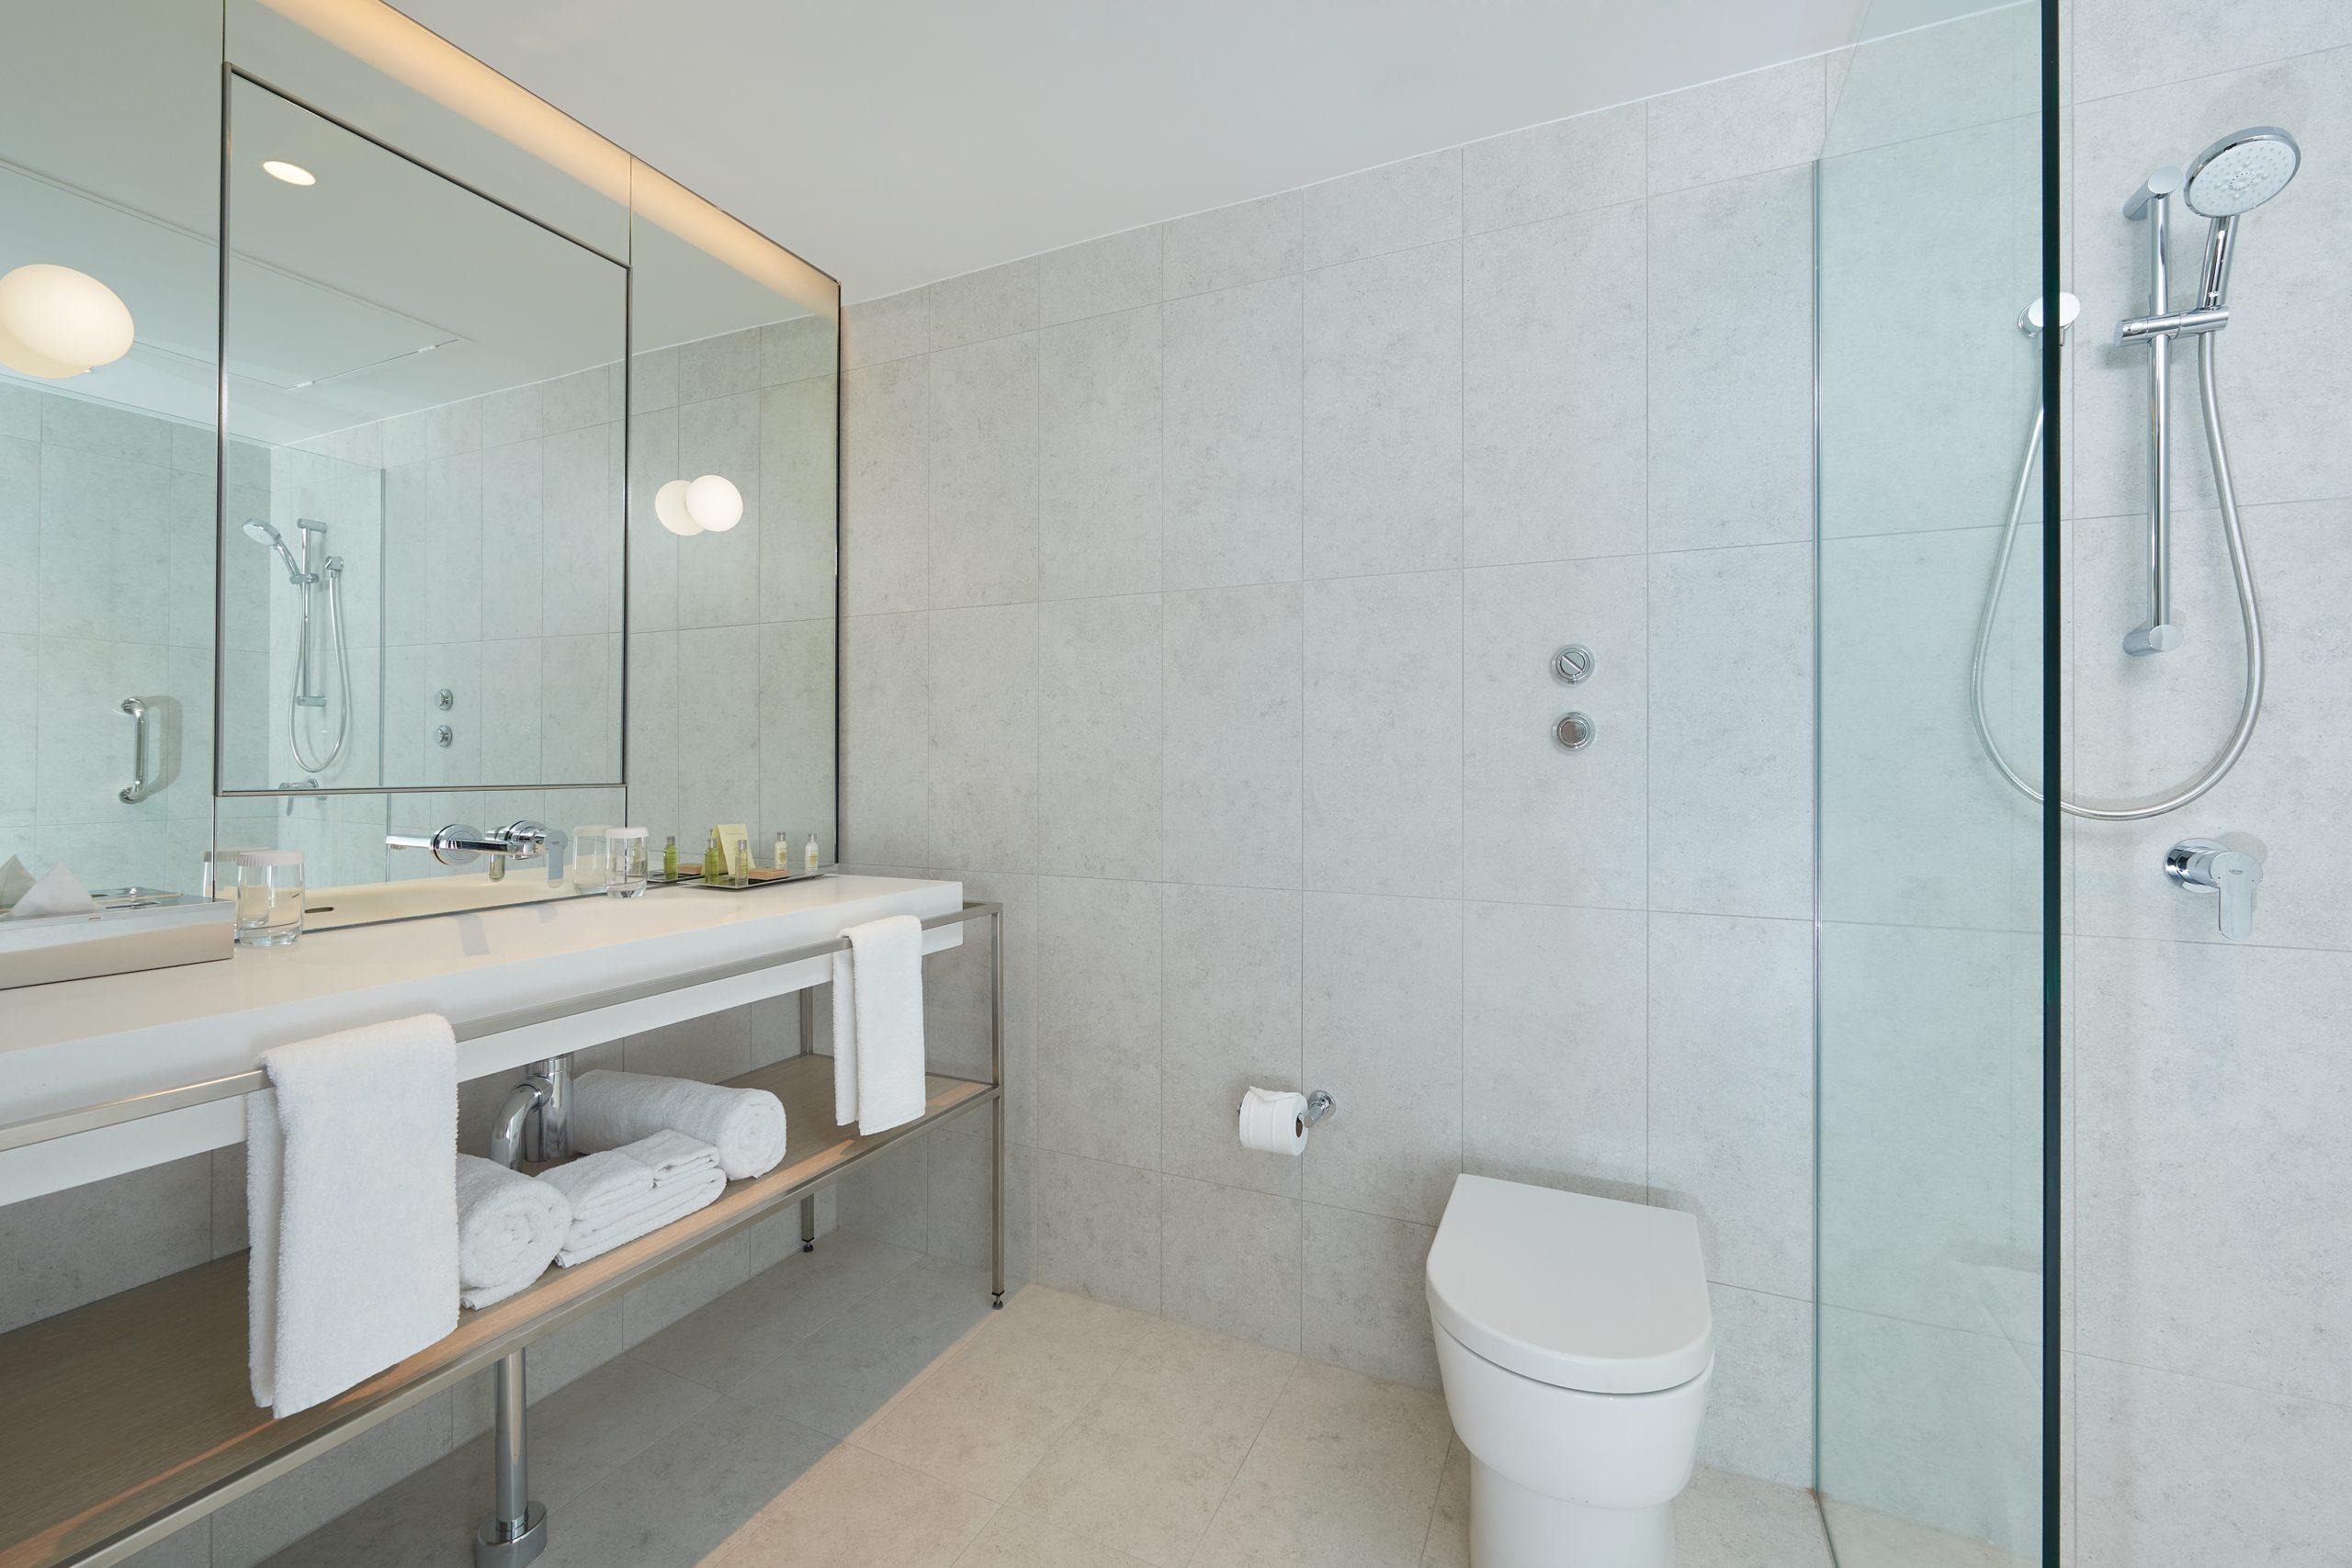 PARMELIA HILTON_King-Queen-Twin-Guest Room Bathroom - Copy